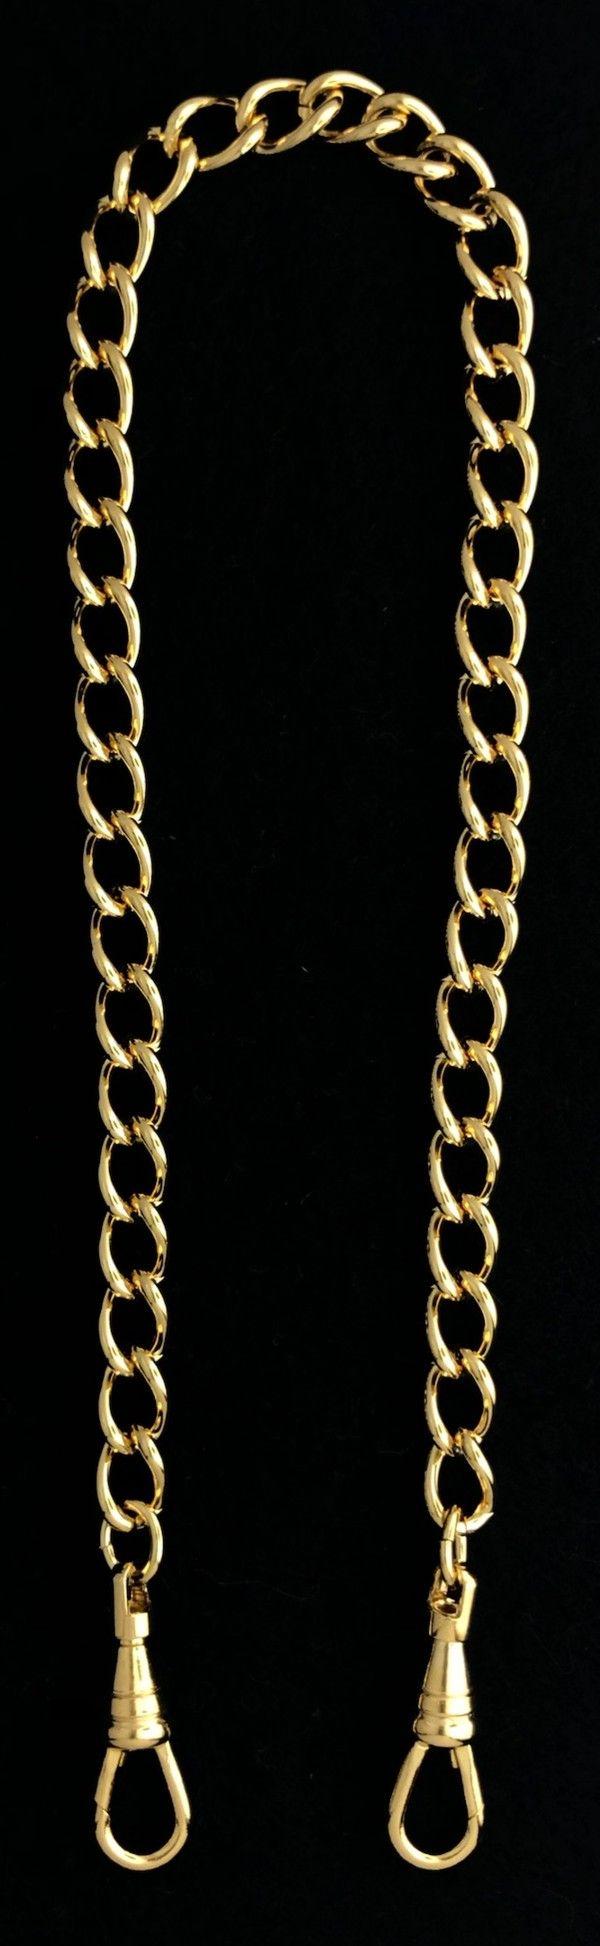 Chain Collar Neck Preventer Chain Gold New